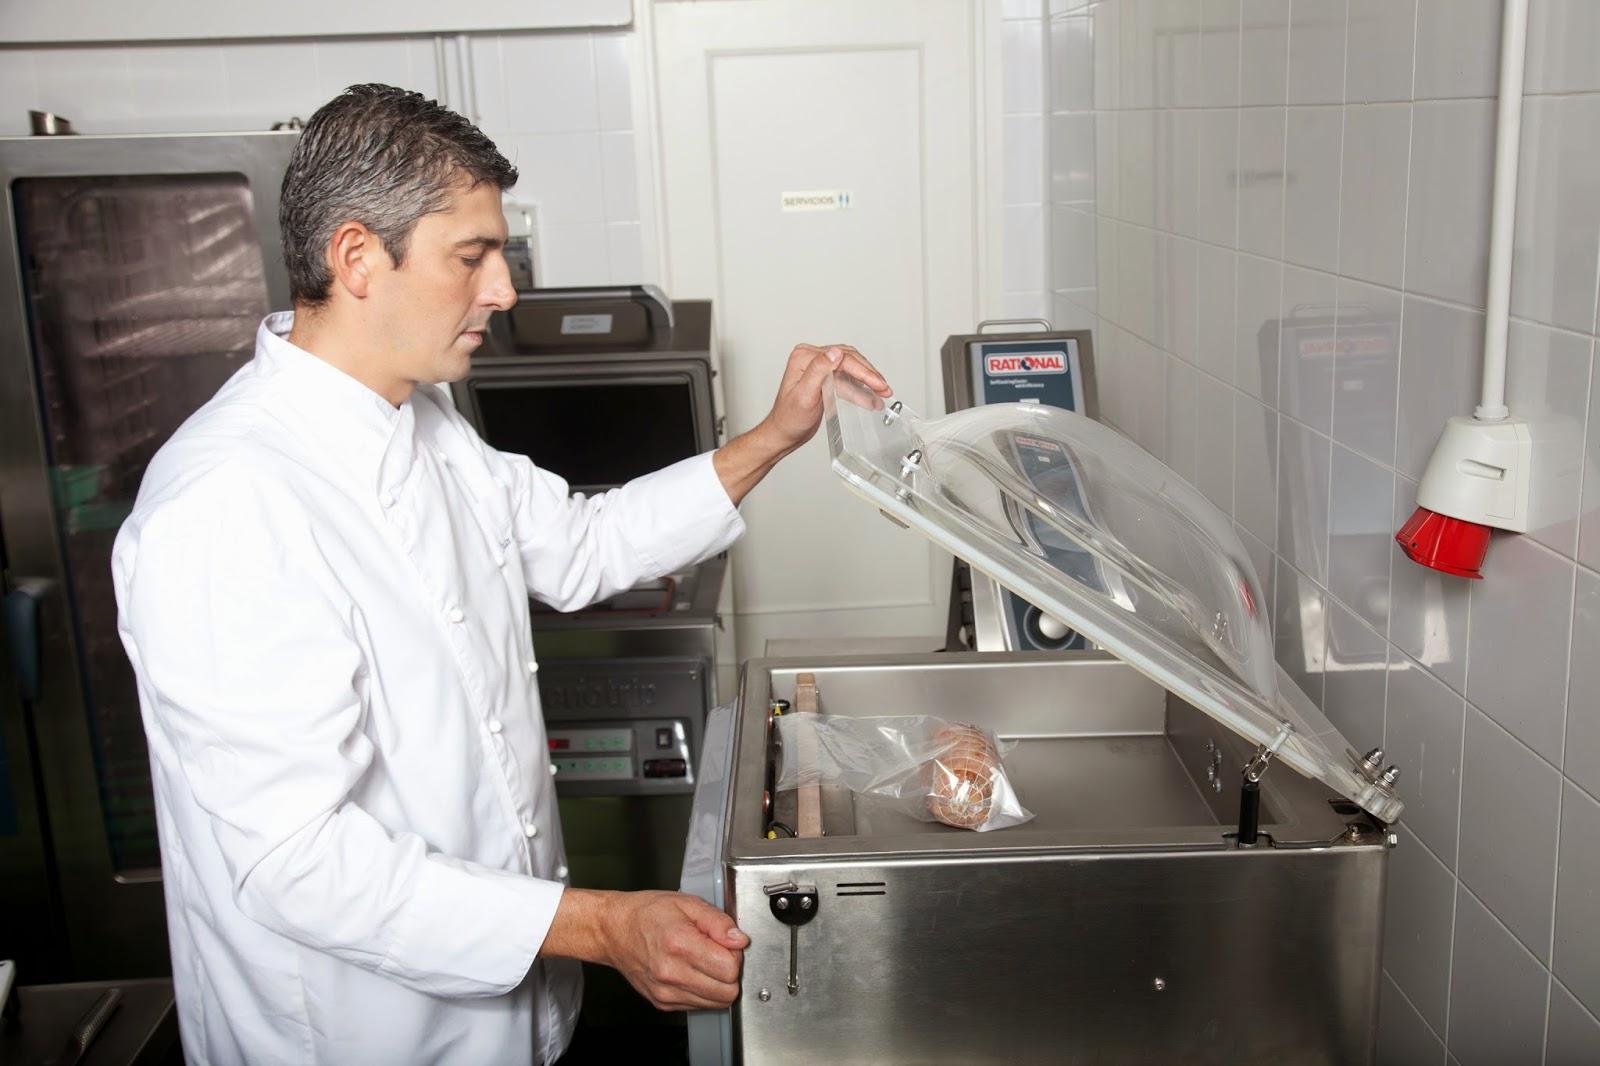 Si te gusta la cocina en ceat tenemos unas jornadas de 10 centro de estudios ceat - Cocina quinta gama ...